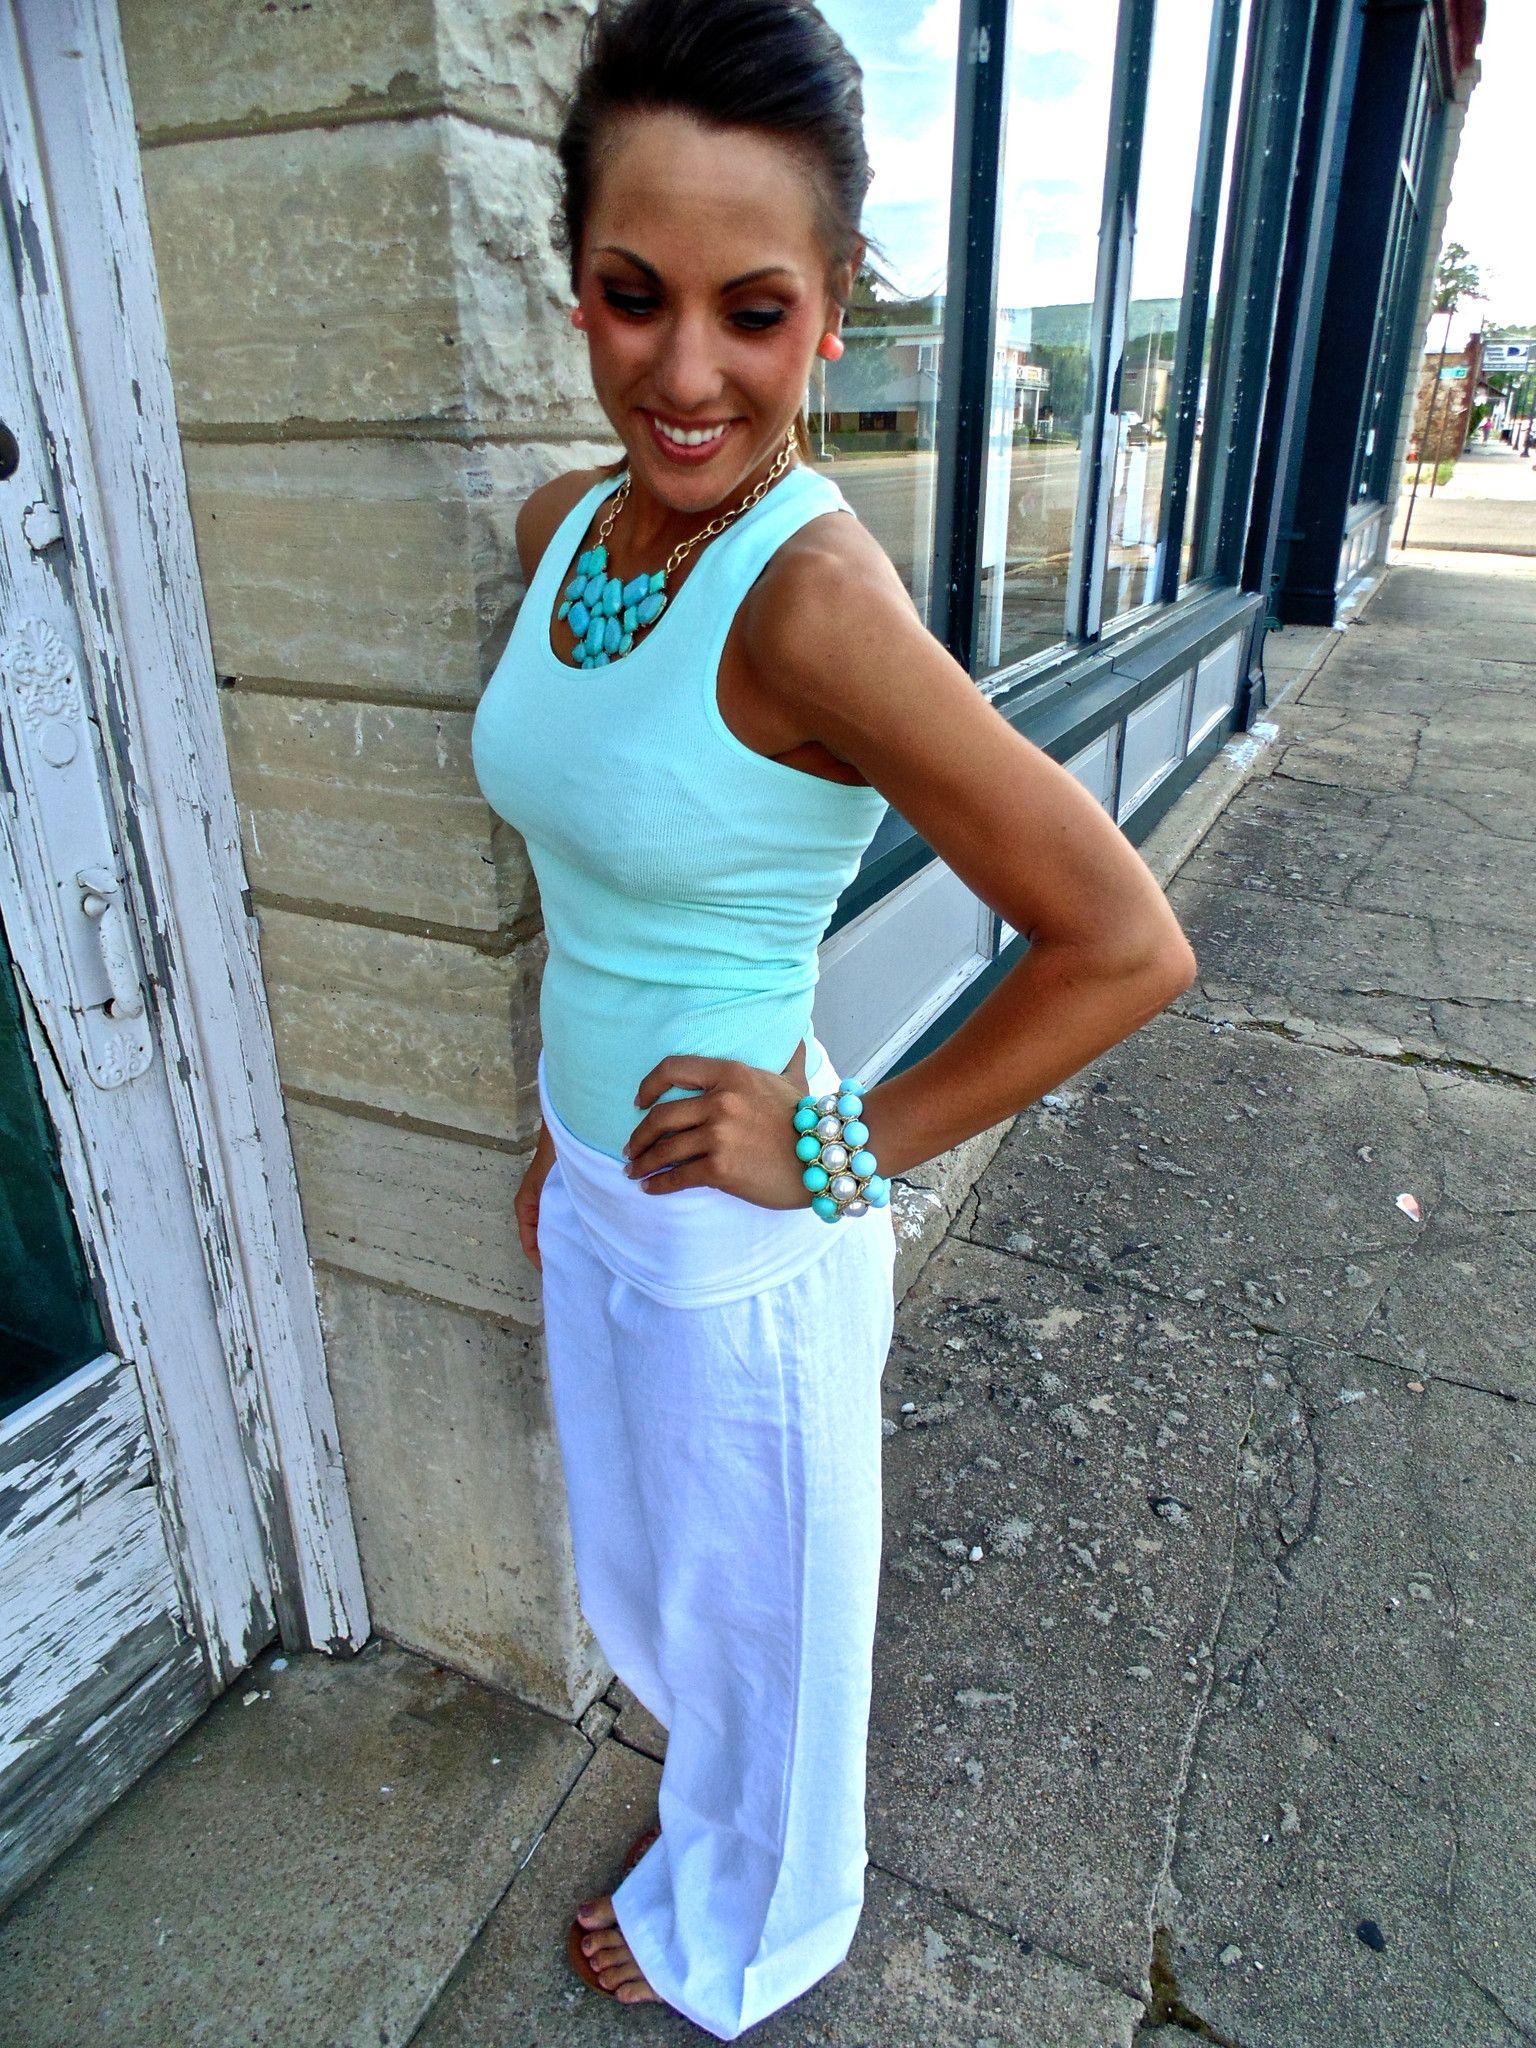 Linen Pants, Flip Flops, Tank | My Style! | Pinterest